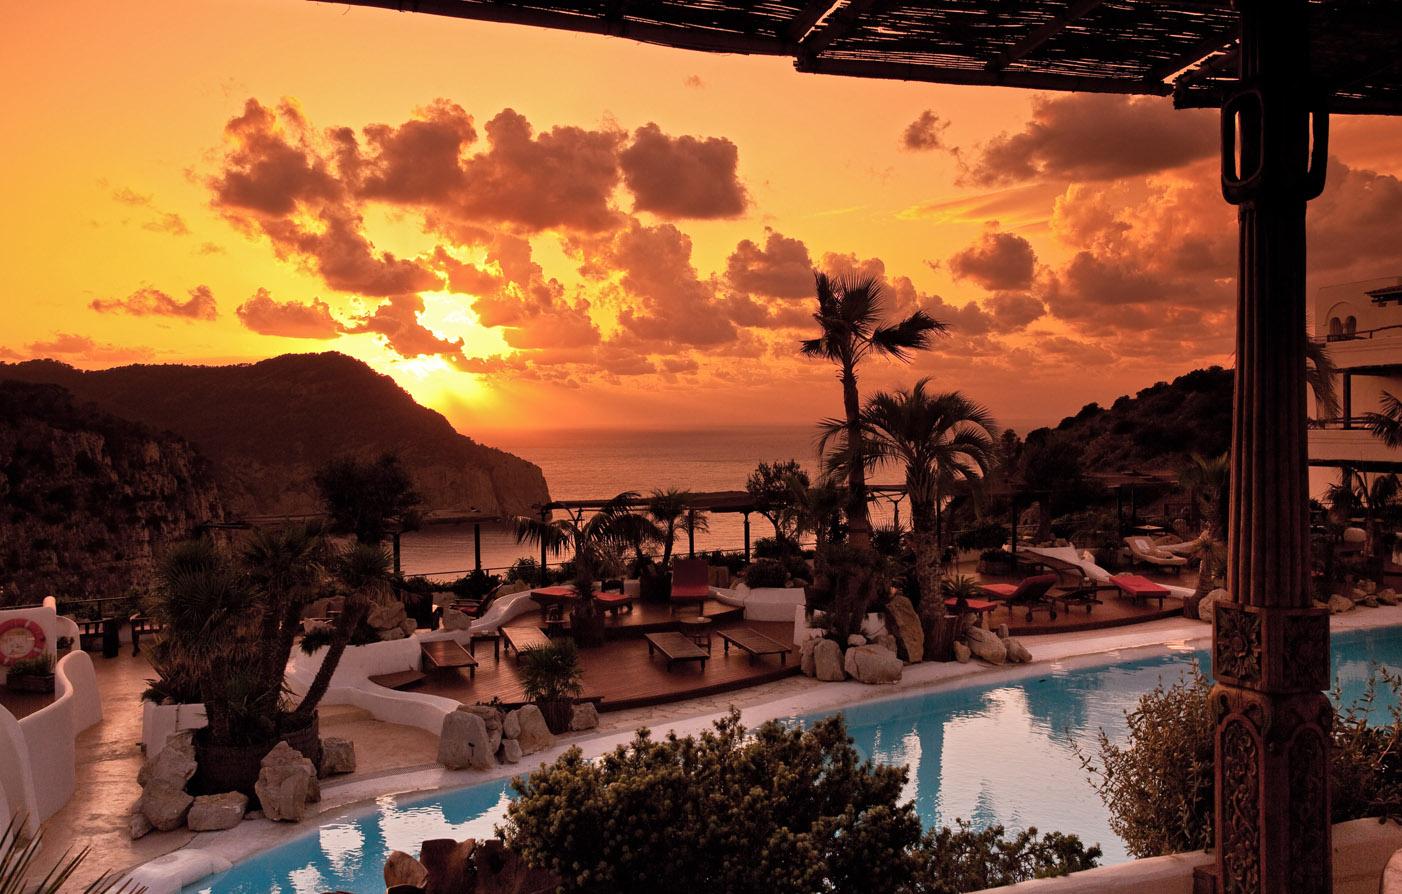 Hotel hacienda na xamena ibiza five star hotel for Boutique hotel ibiza